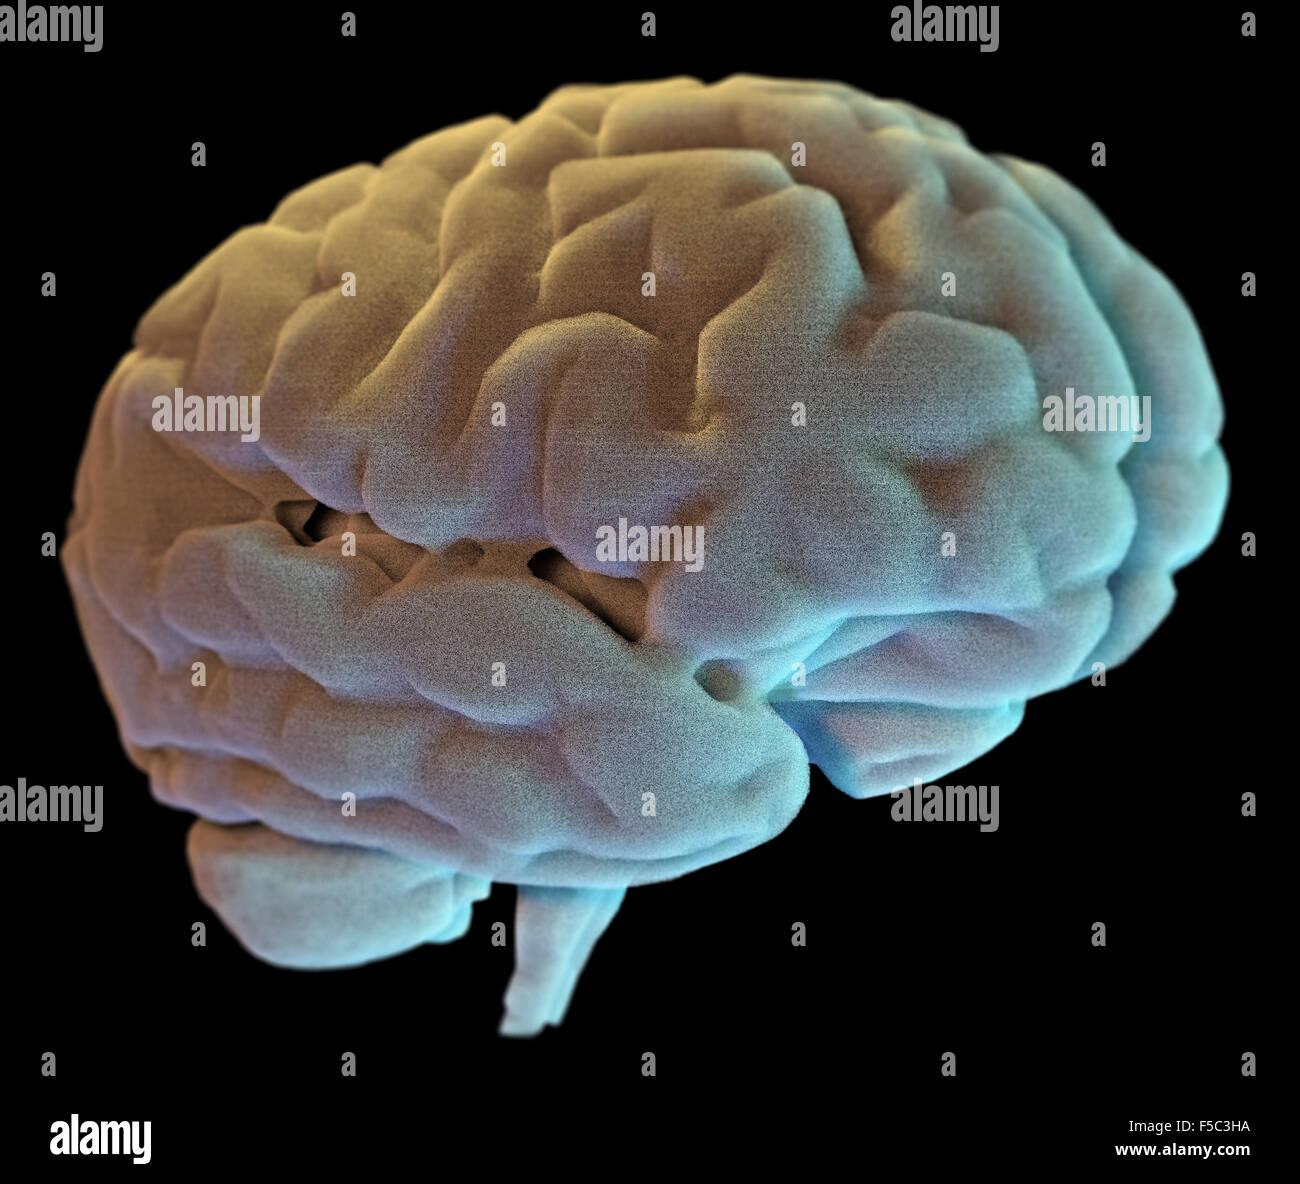 Illustration du cerveau humain sur fond noir Photo Stock